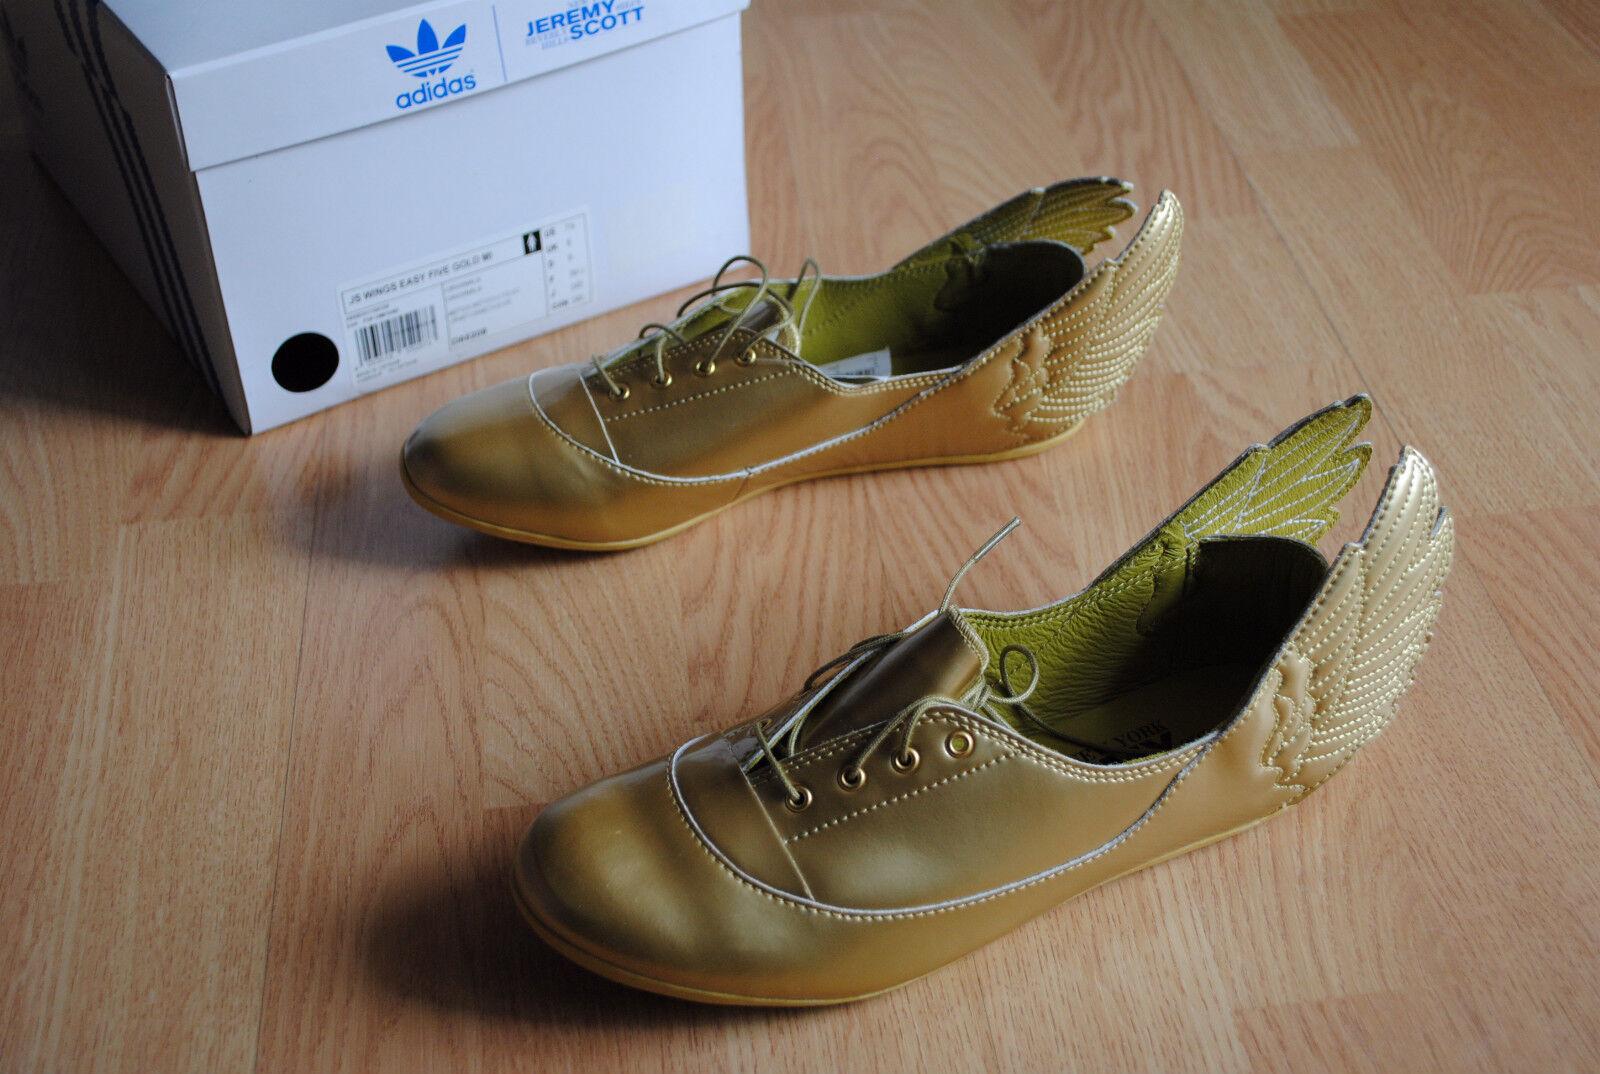 Adidas Js Alas eaysy CINCO oro Mi 37 38 39 39 39 40 d65208 leopardo de JEREMY SCOTT  descuento de ventas en línea